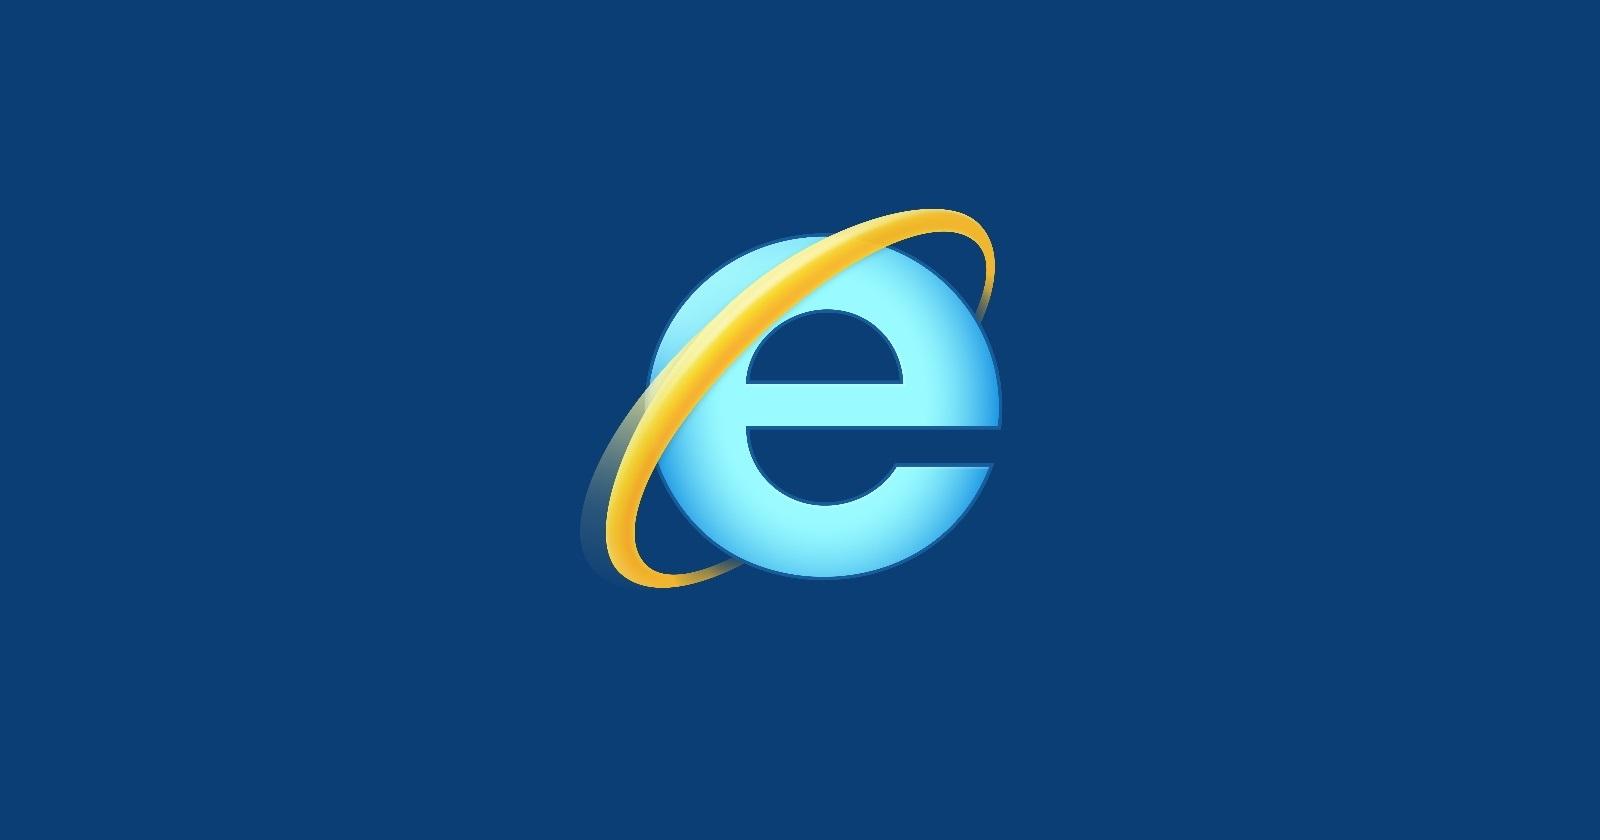 Более тысячи сайтов перестанут открываться в браузере Internet Explorer